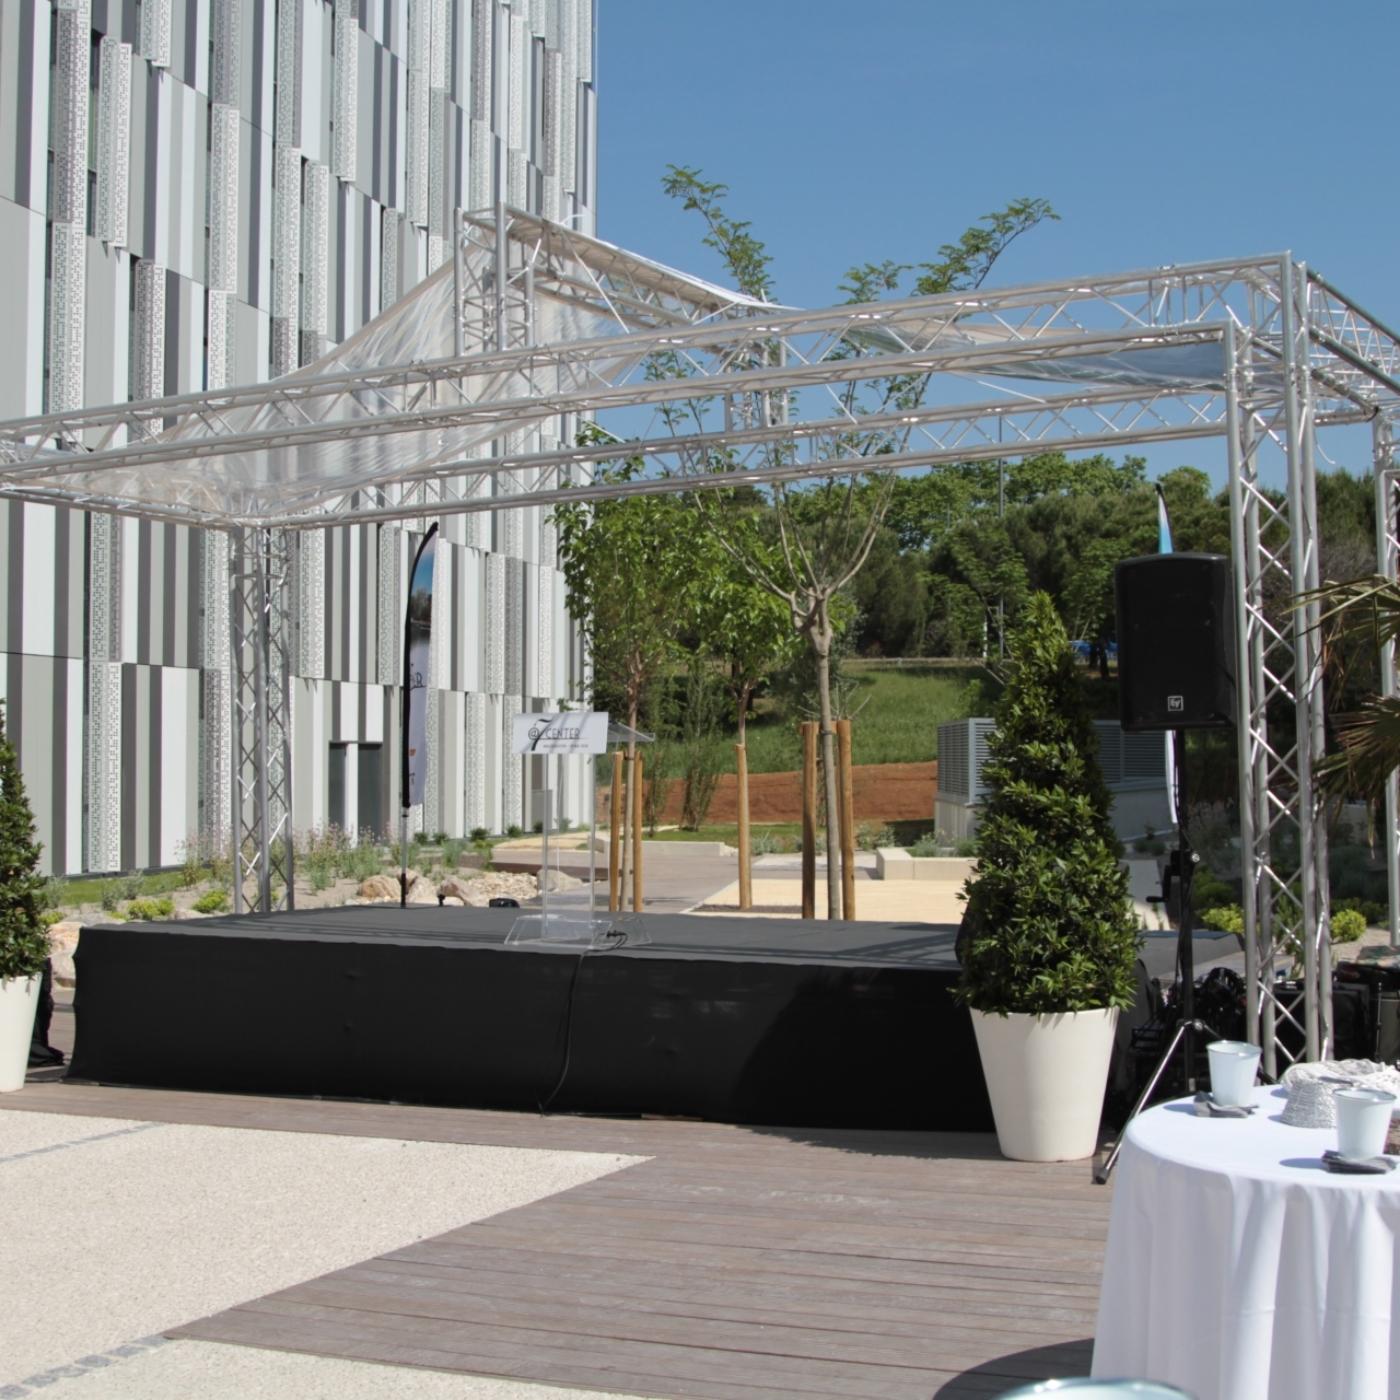 SML - Couverture de scene avec grill scenique et bache cristal